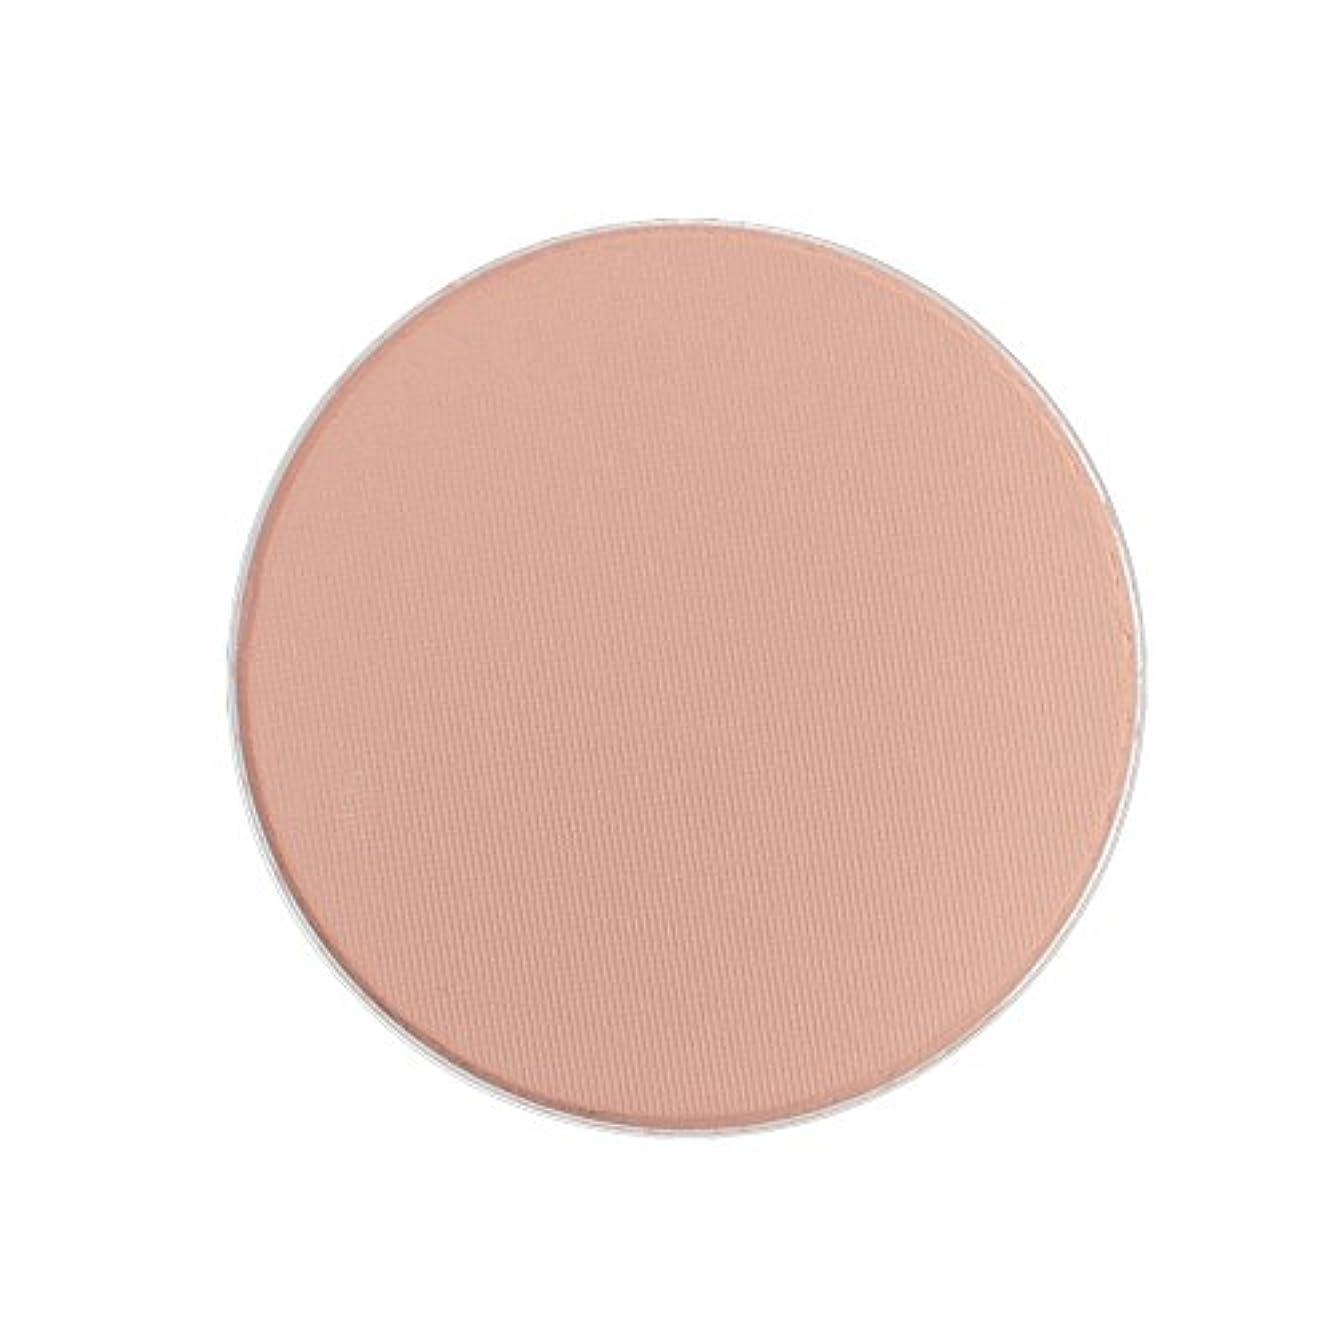 軽蔑するクリーム祈りリマナチュラル ピュアUVモイスチャーパクト 詰替用 216 ピンク